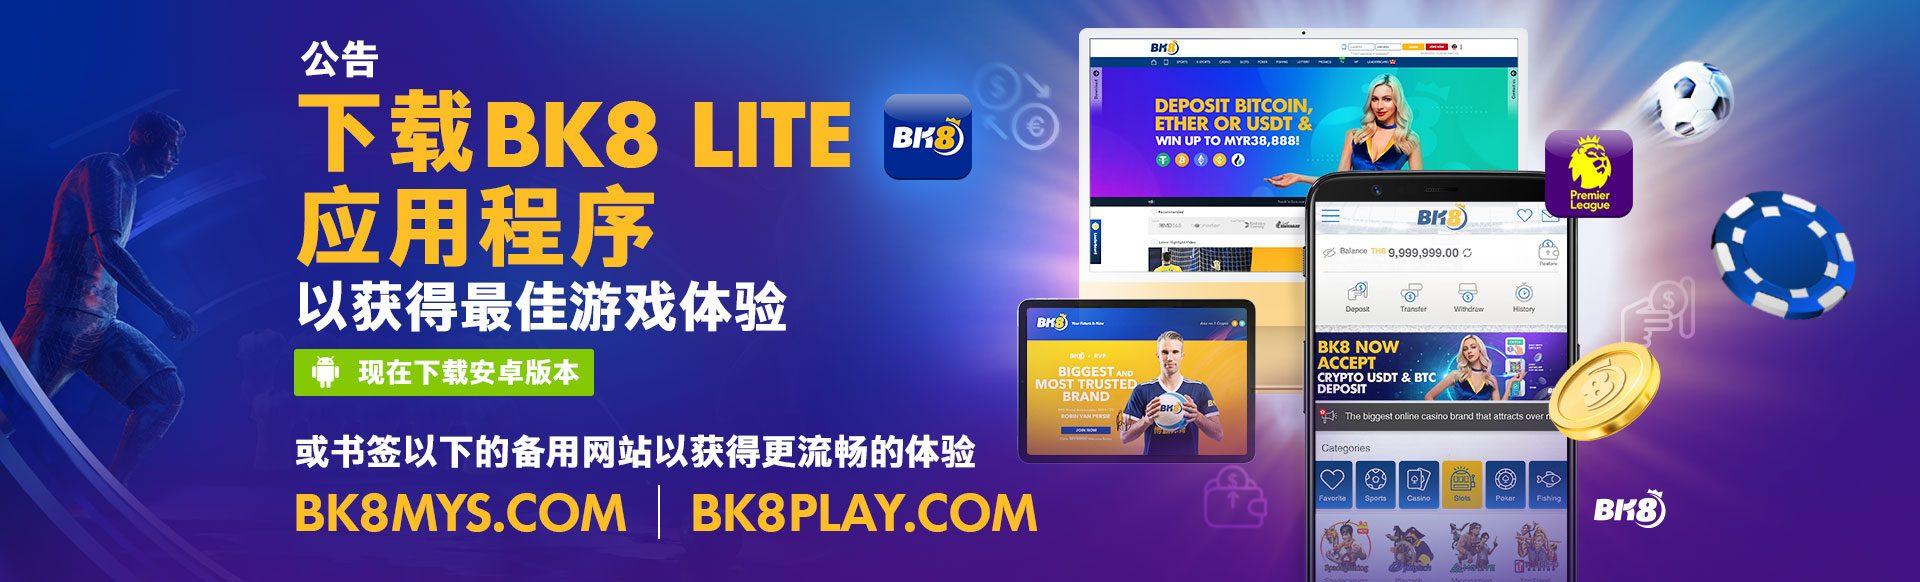 马来西亚网上赌场